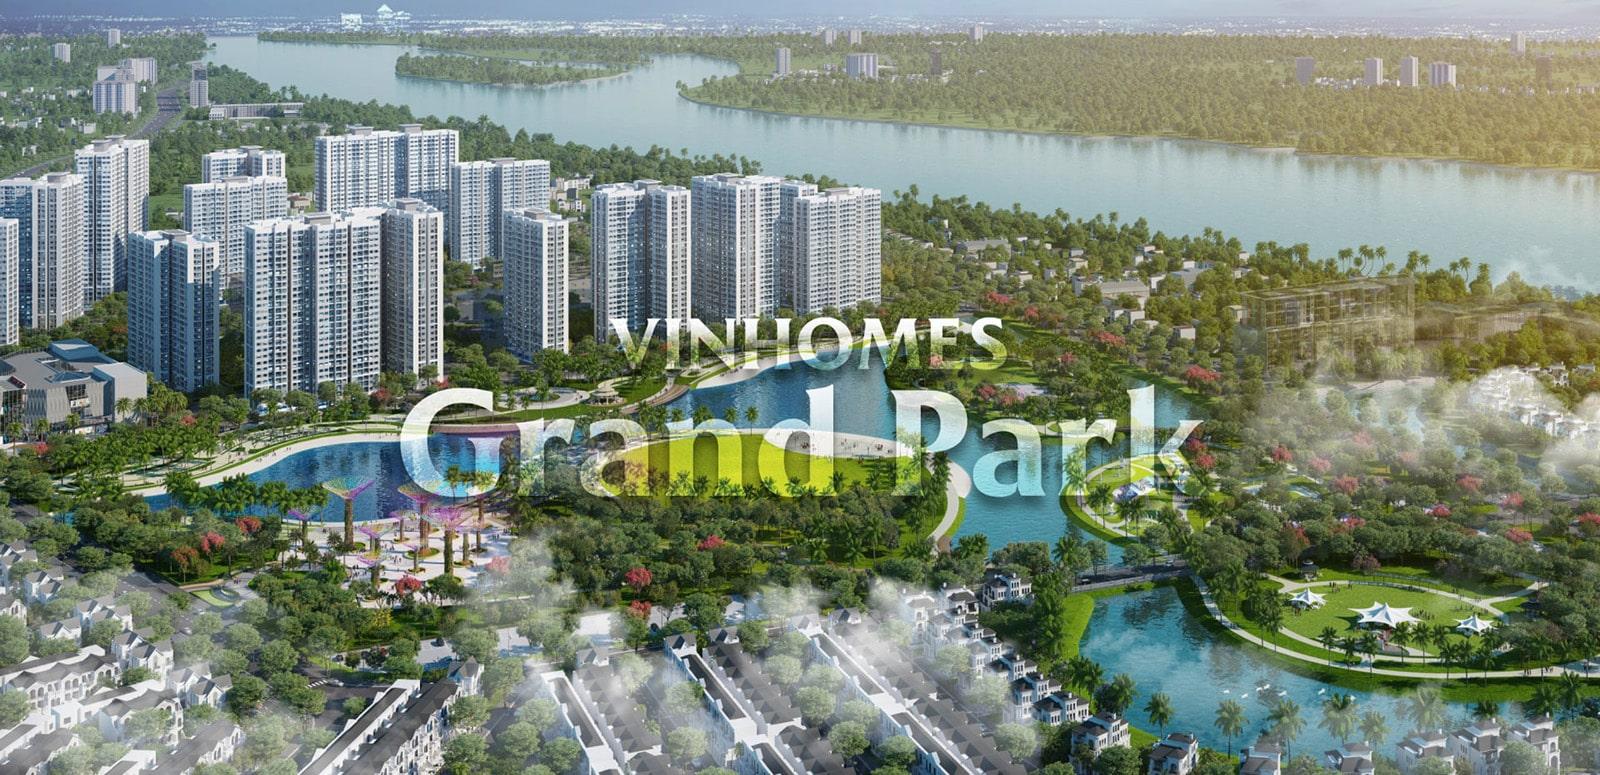 Vinhomes Grand Park - Official Website of Vinhomes JSC